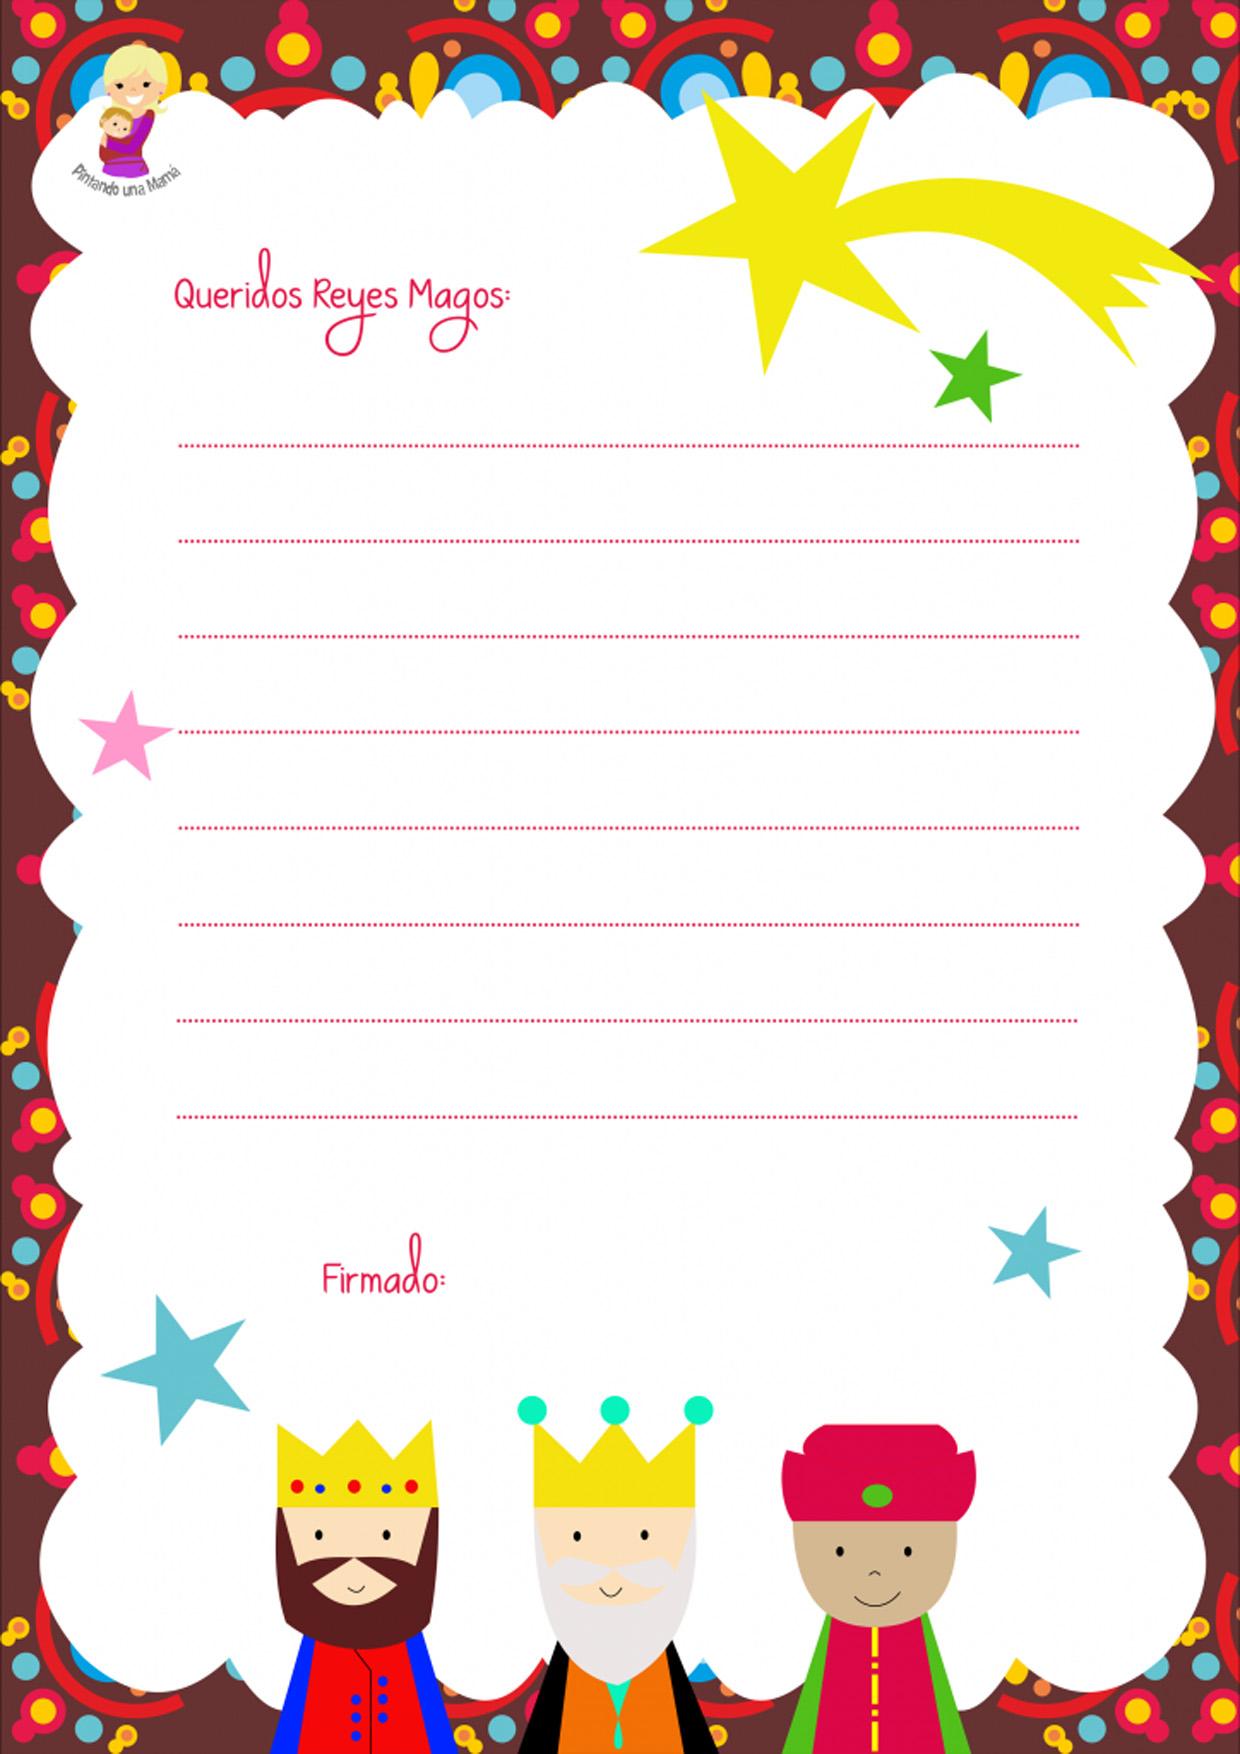 Cómo hacer una plantilla para carta de Reyes Magos 2017